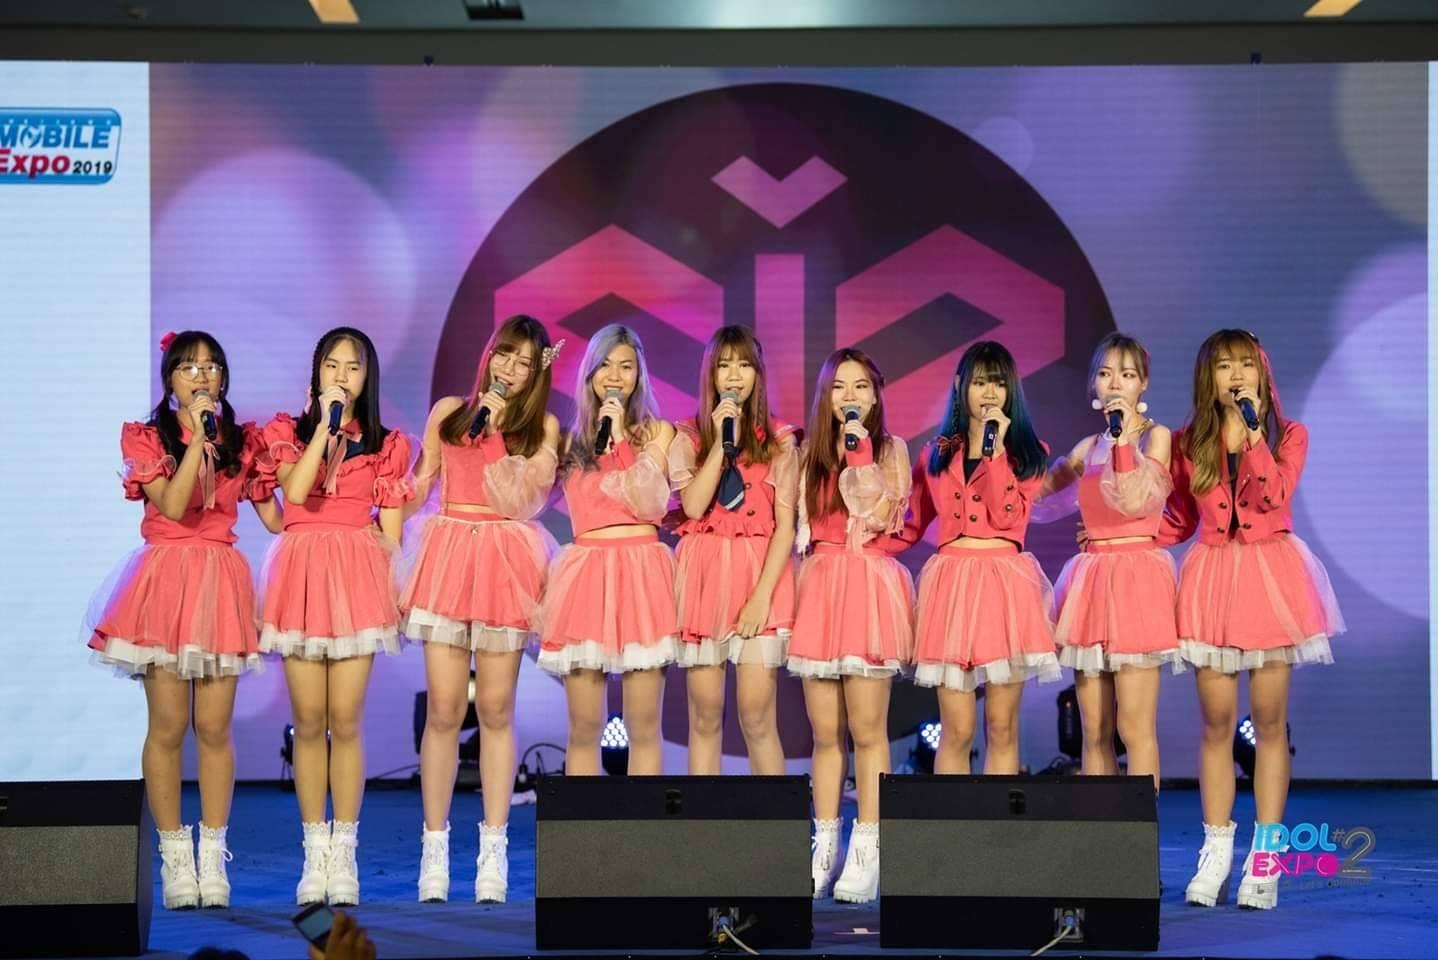 สมาชิก 9 คนที่ขึ้นแสดงในงาน idol expo #2